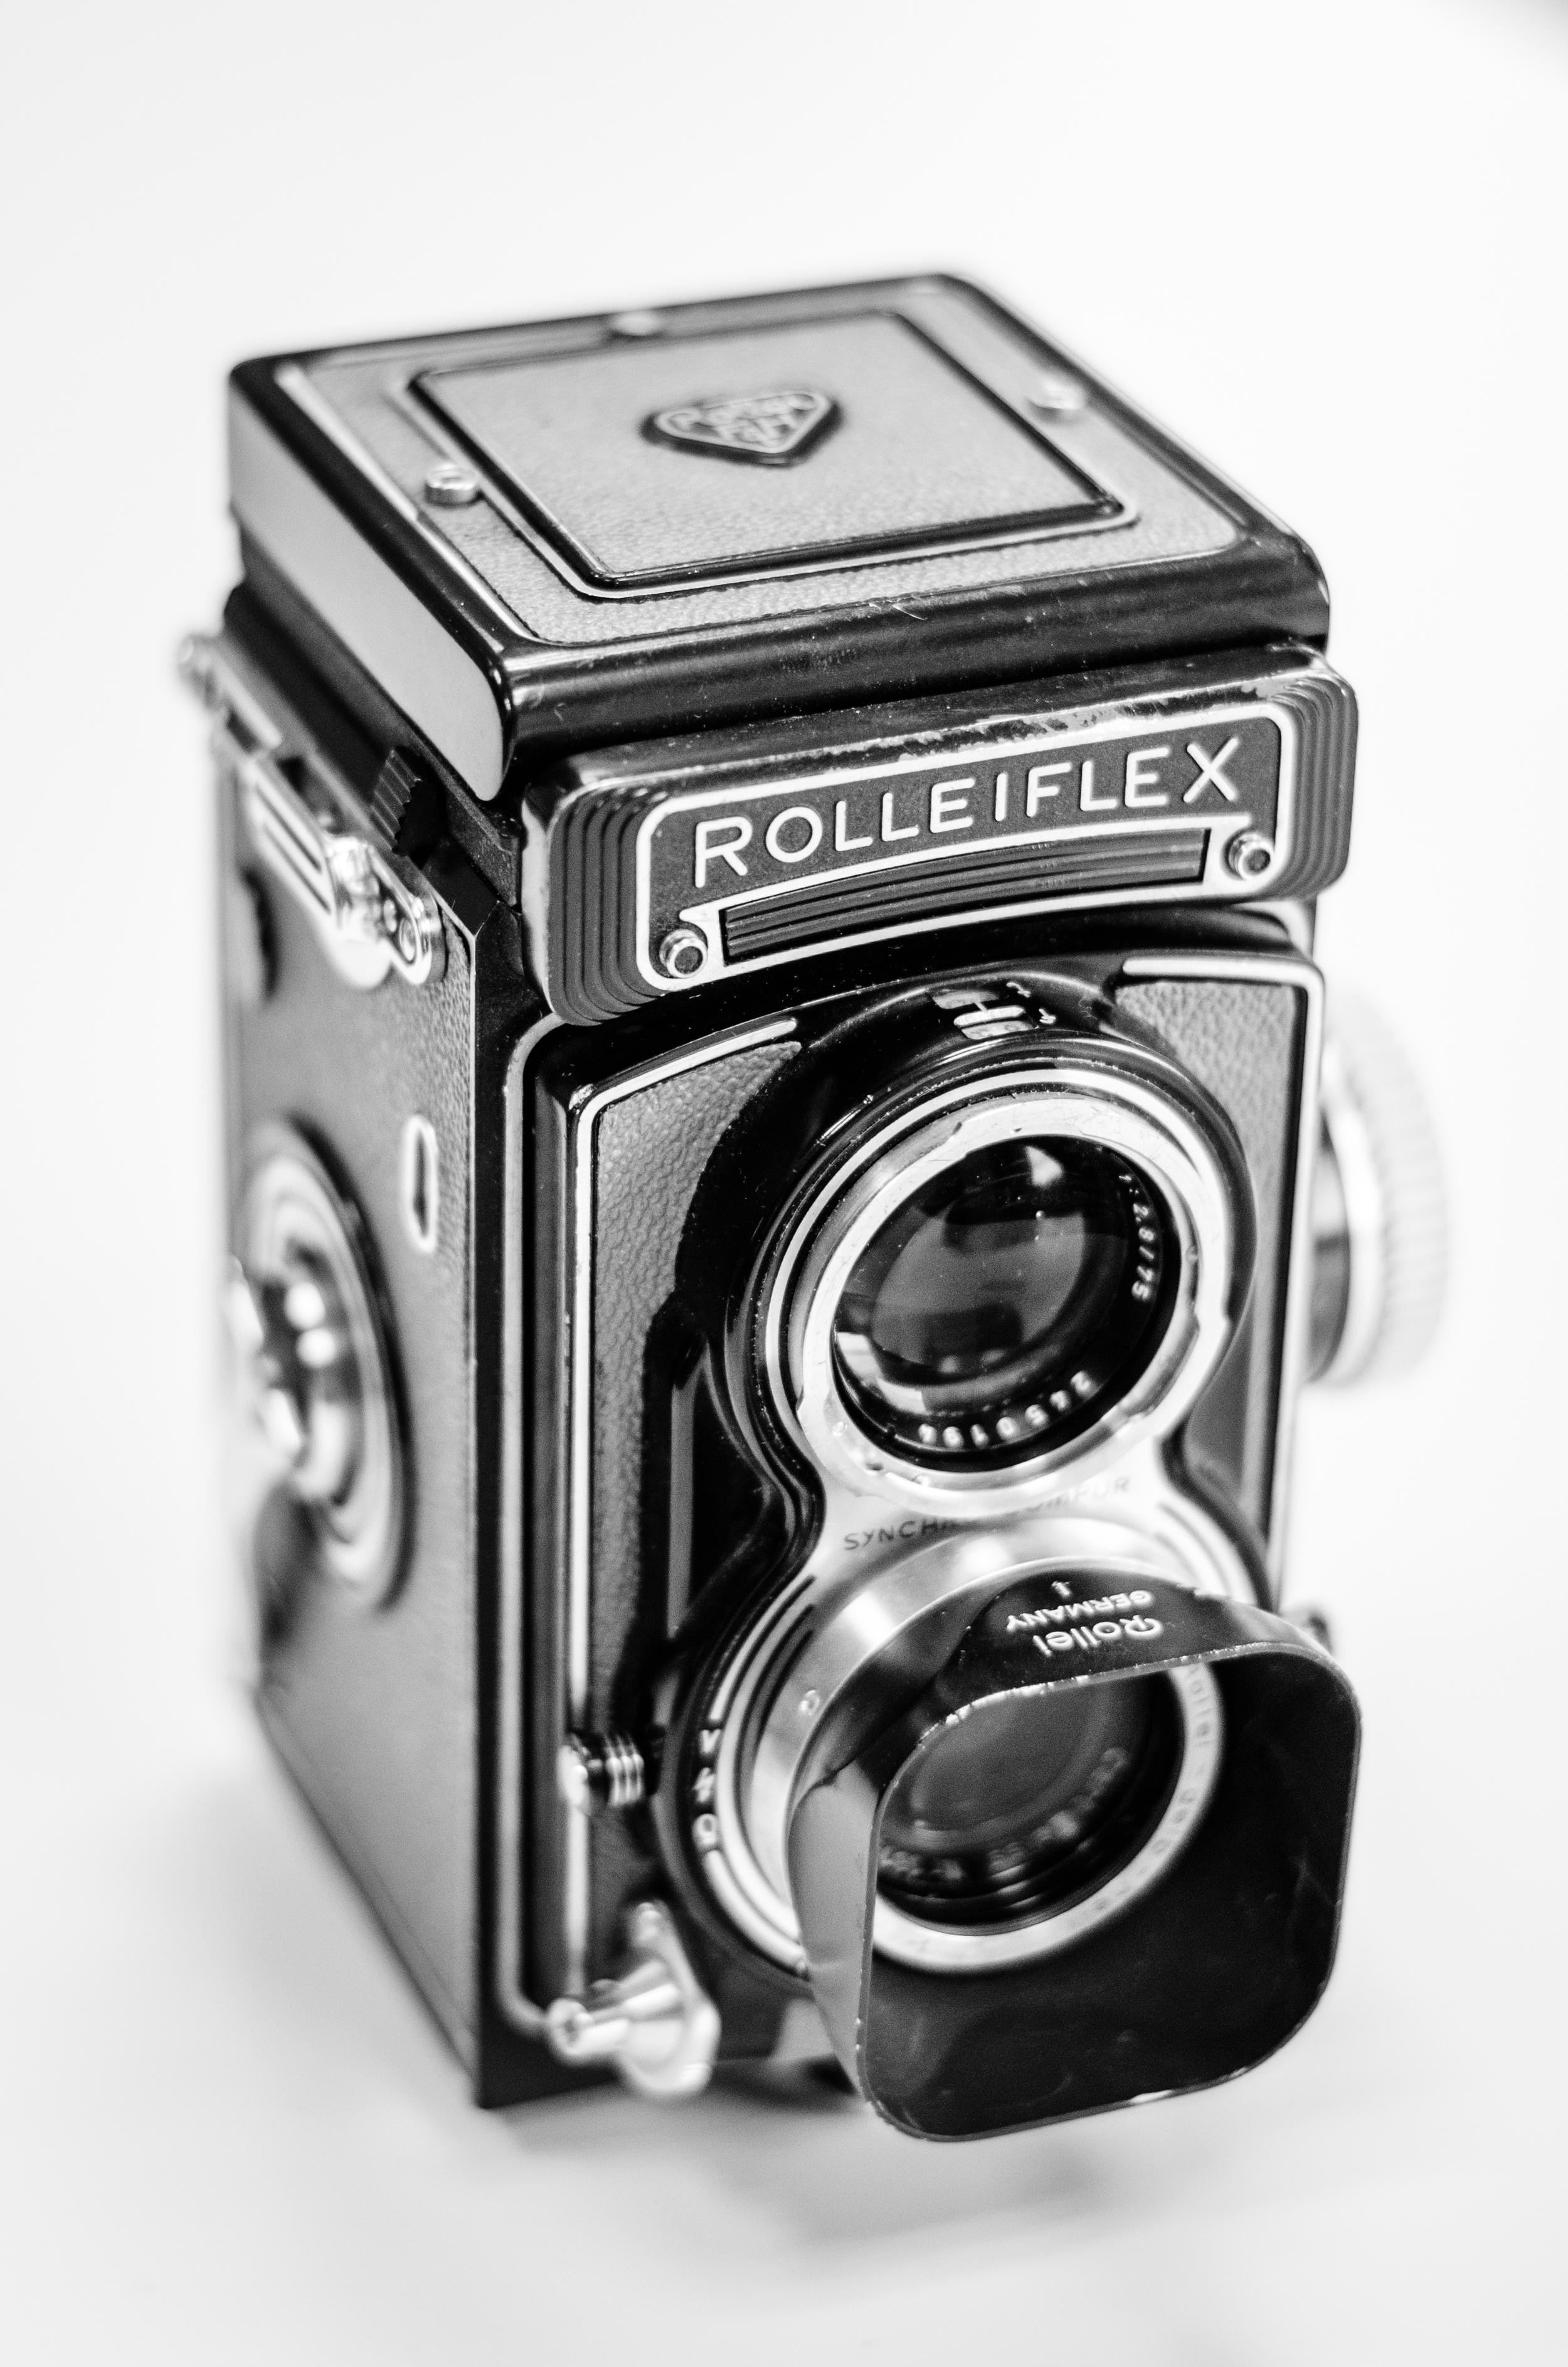 Day 012: Rolleiflex